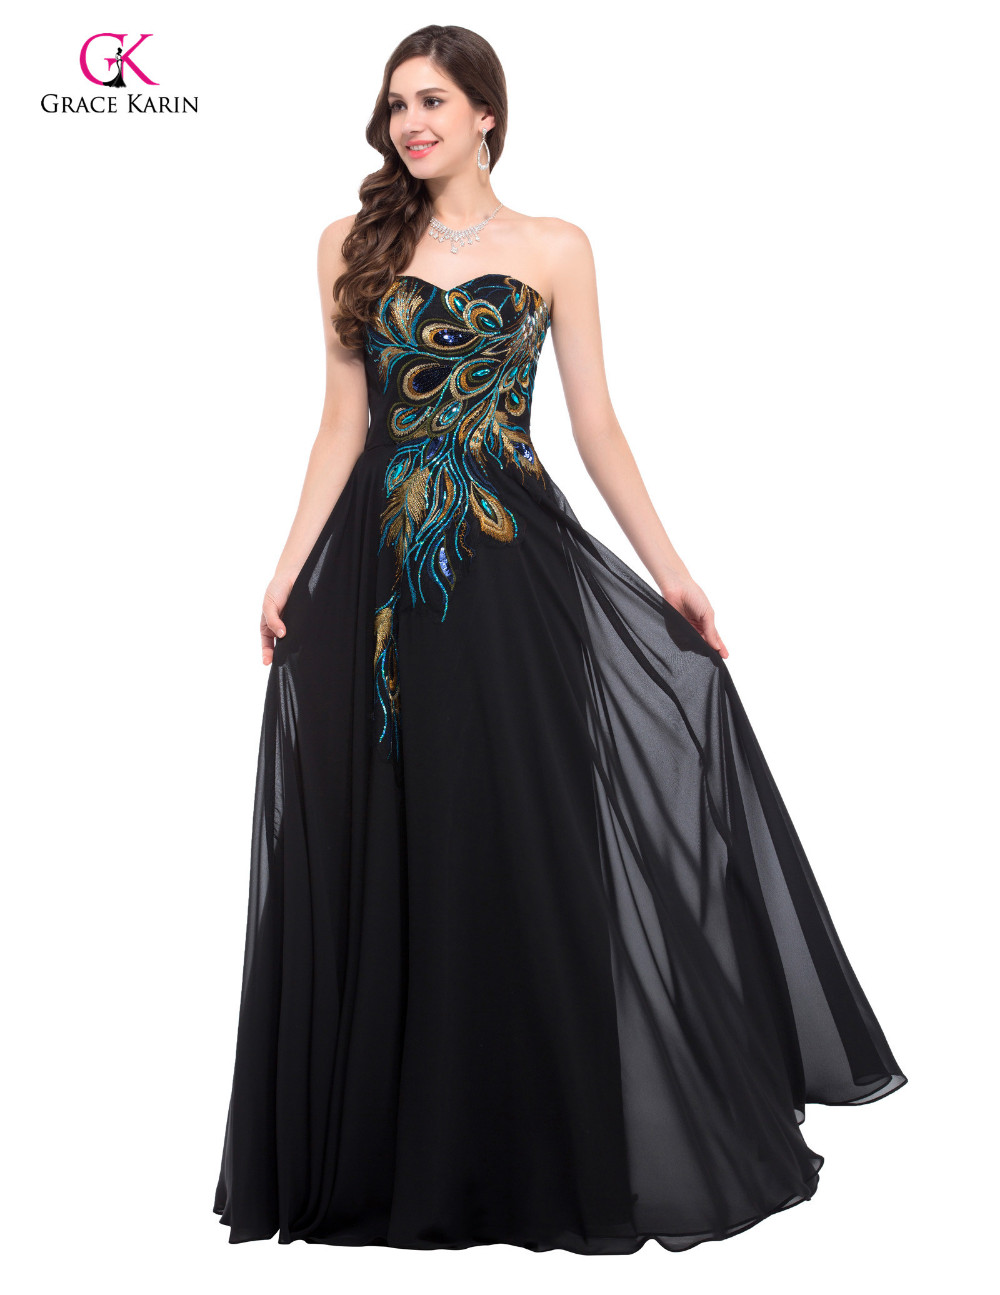 Платье грейс Karin без бретелек павлиньего длинные черные вечерние платья босоножки назад элегантные платья халат де вечер CL6168